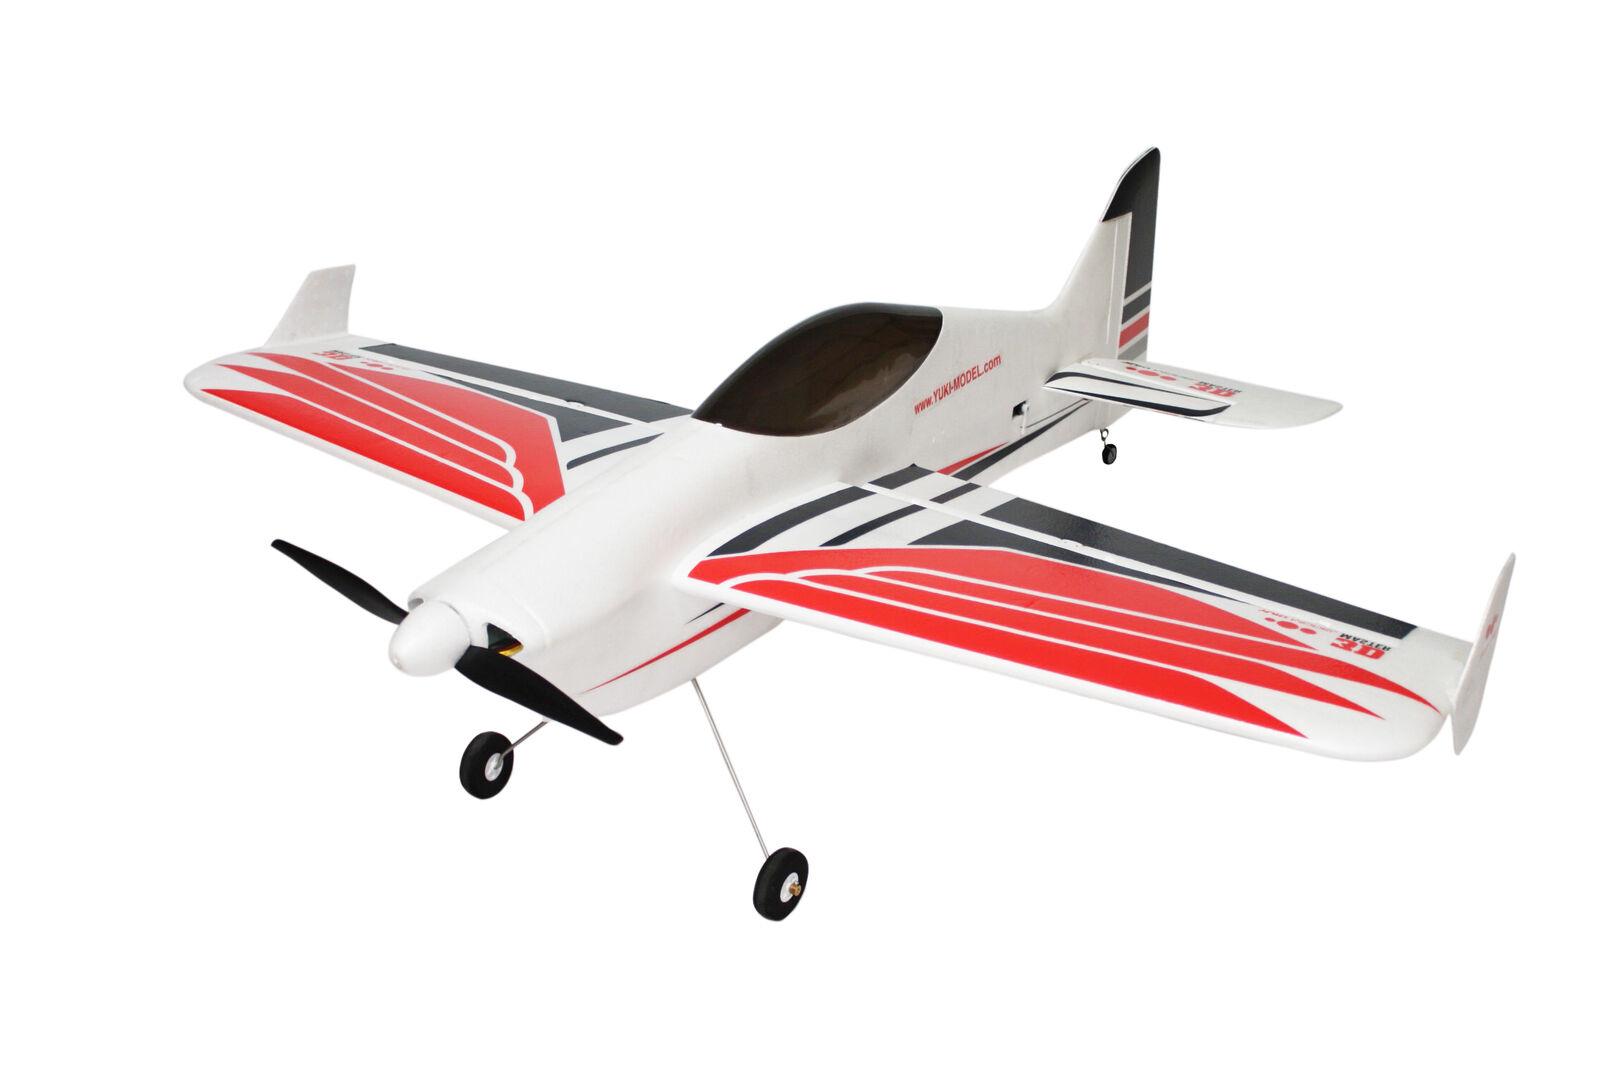 3d Master-pnp - 1.200mm envergadura Yuki Model avión avión avión avión de modelo  buscando agente de ventas